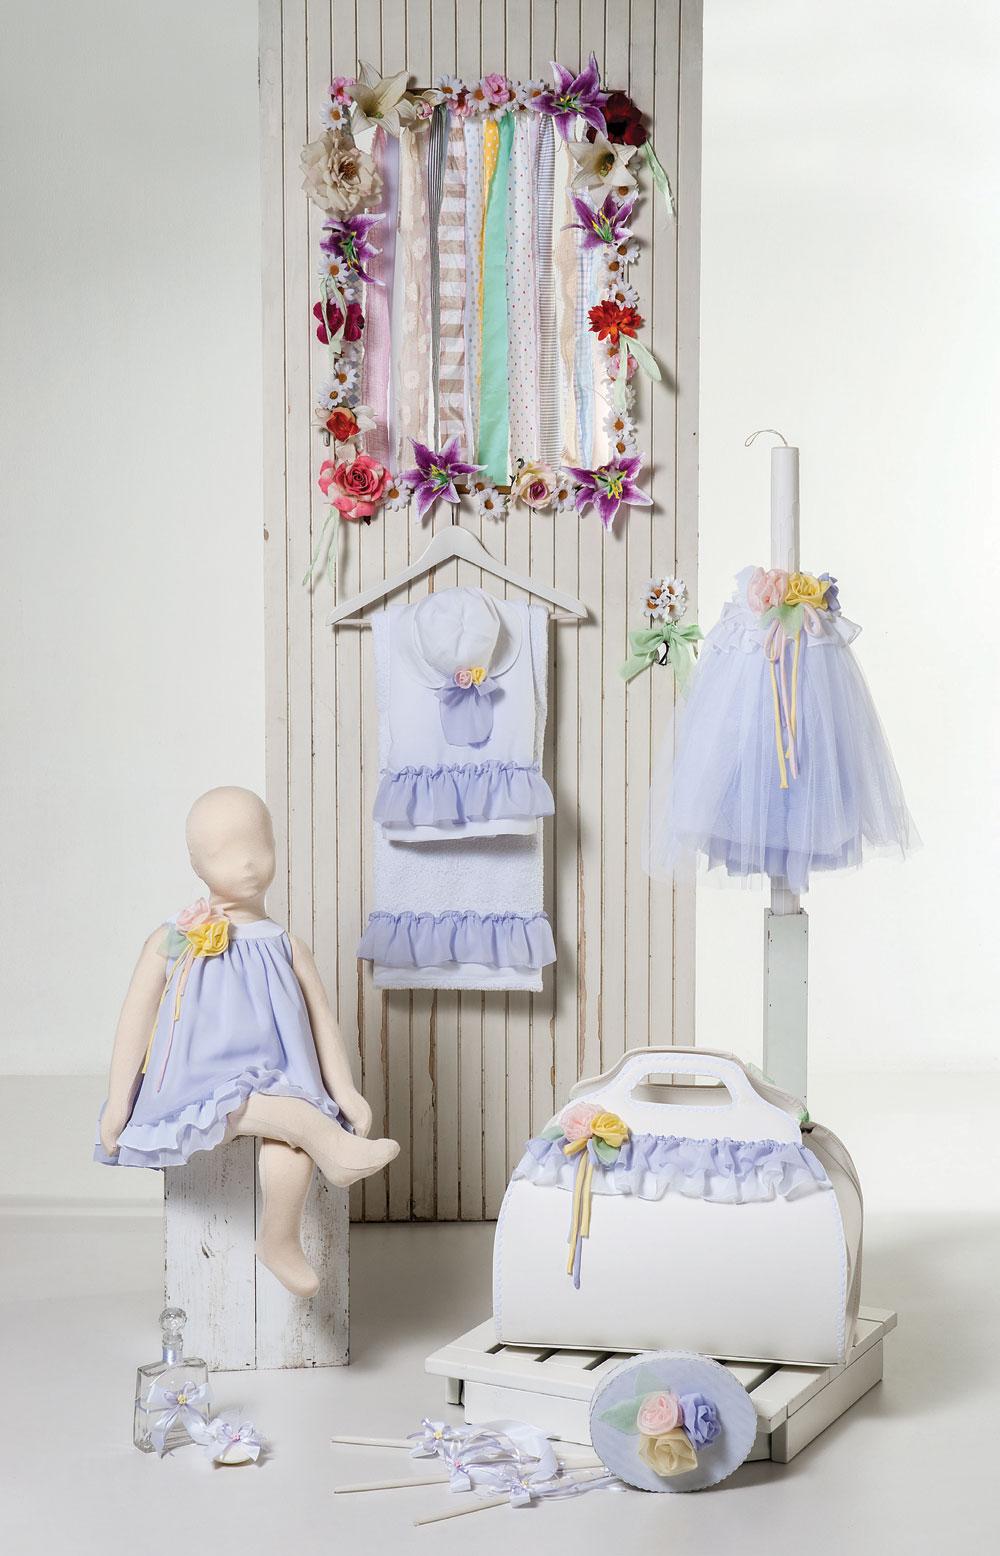 1413 - φόρεμα από λιλά μουσελίνα με χειροποίητα λουλούδια